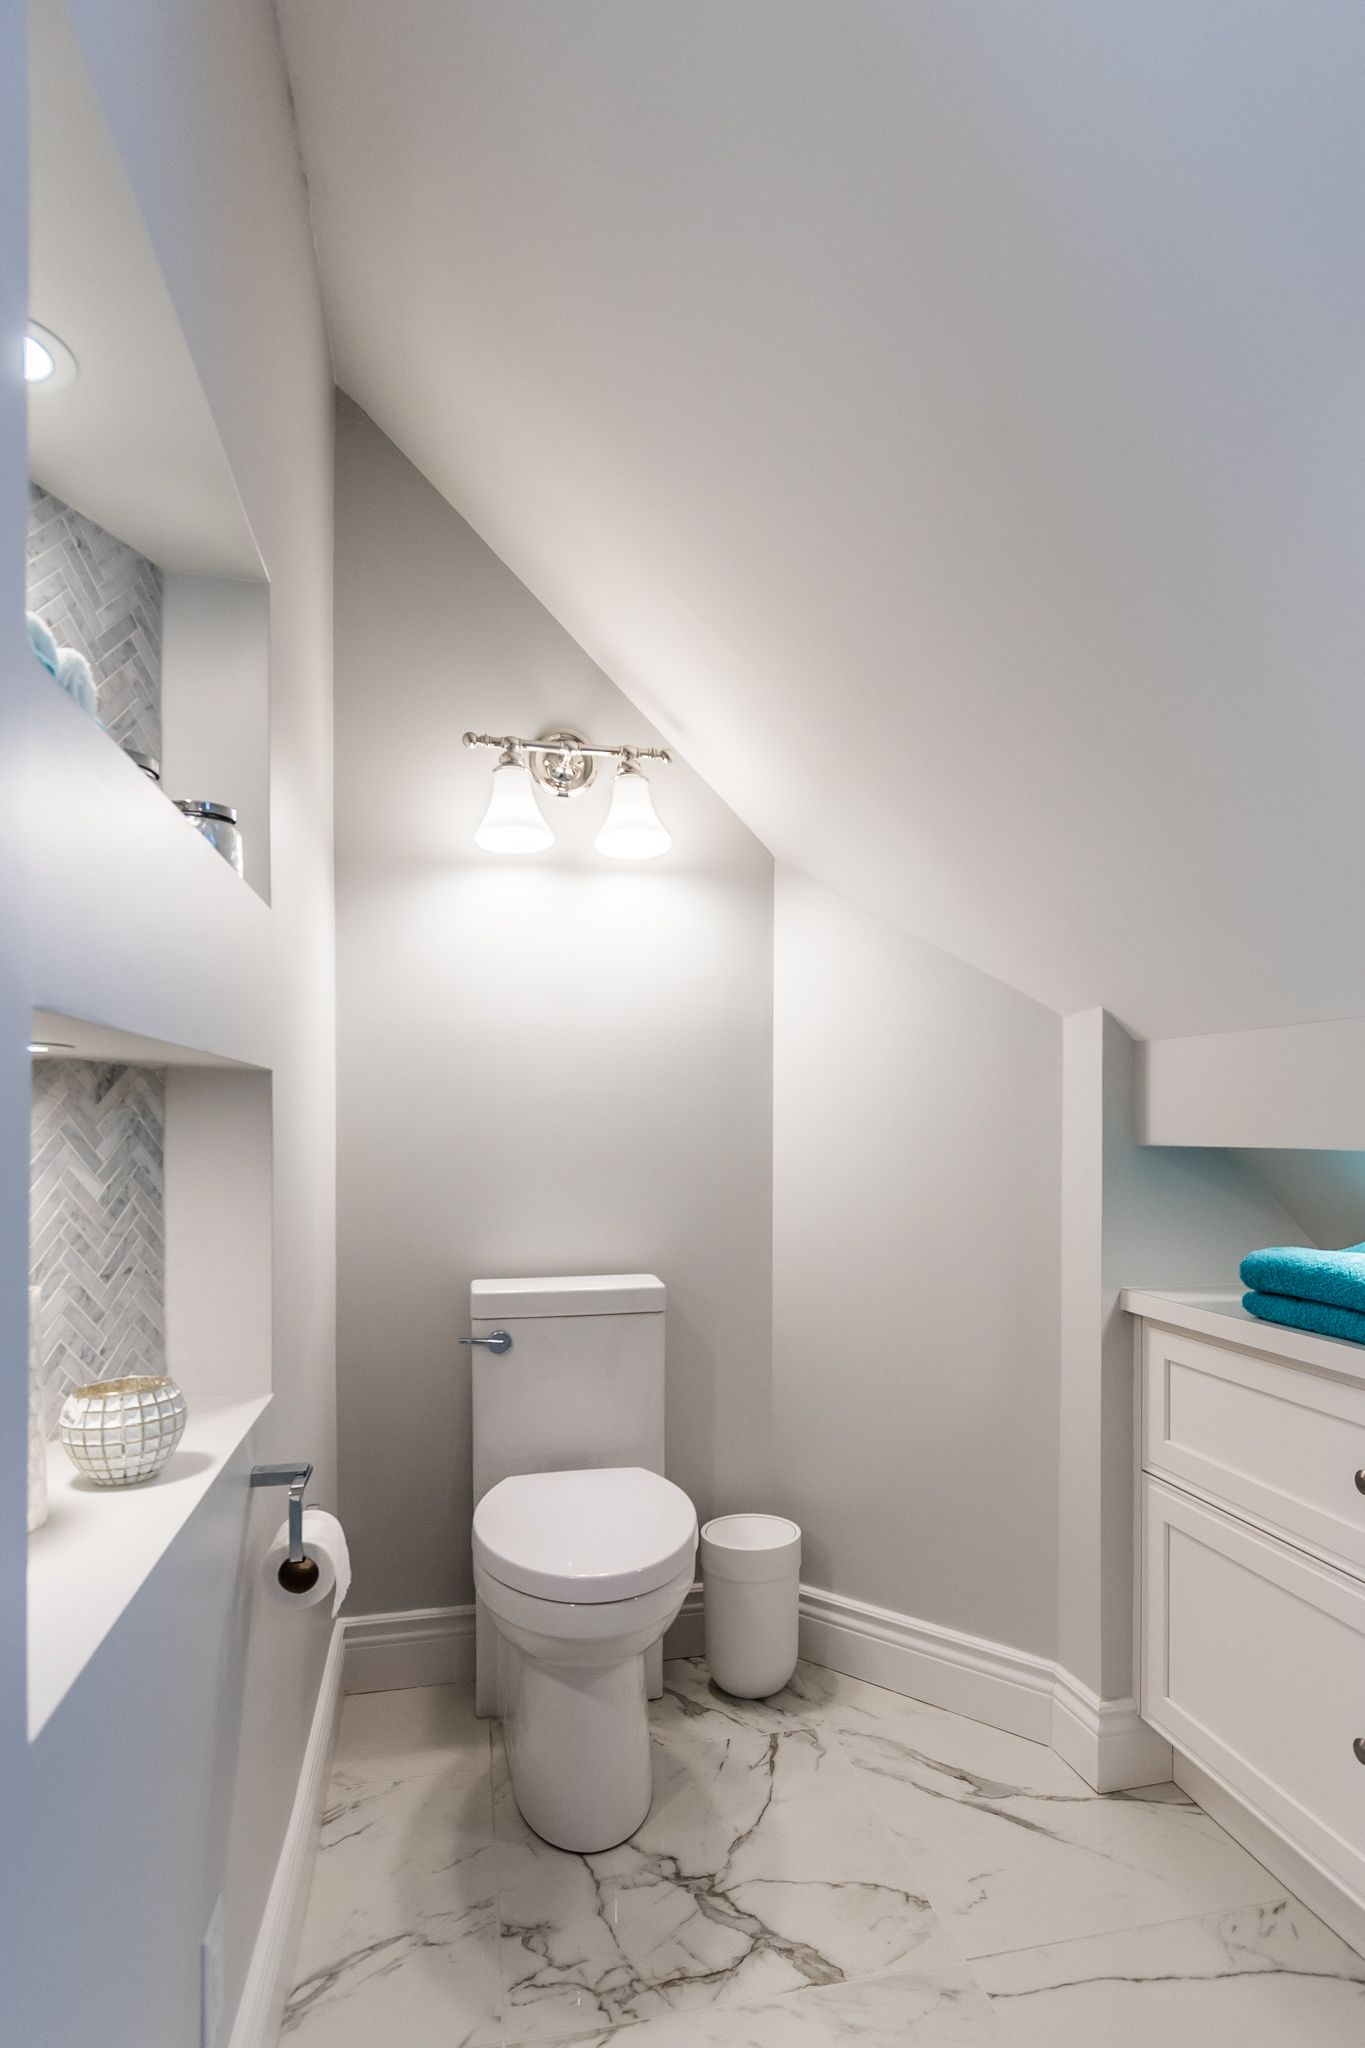 Salle De Bains Ou Toilettes ~ salle de bain du lac st charles espace de toilette dans la salle de